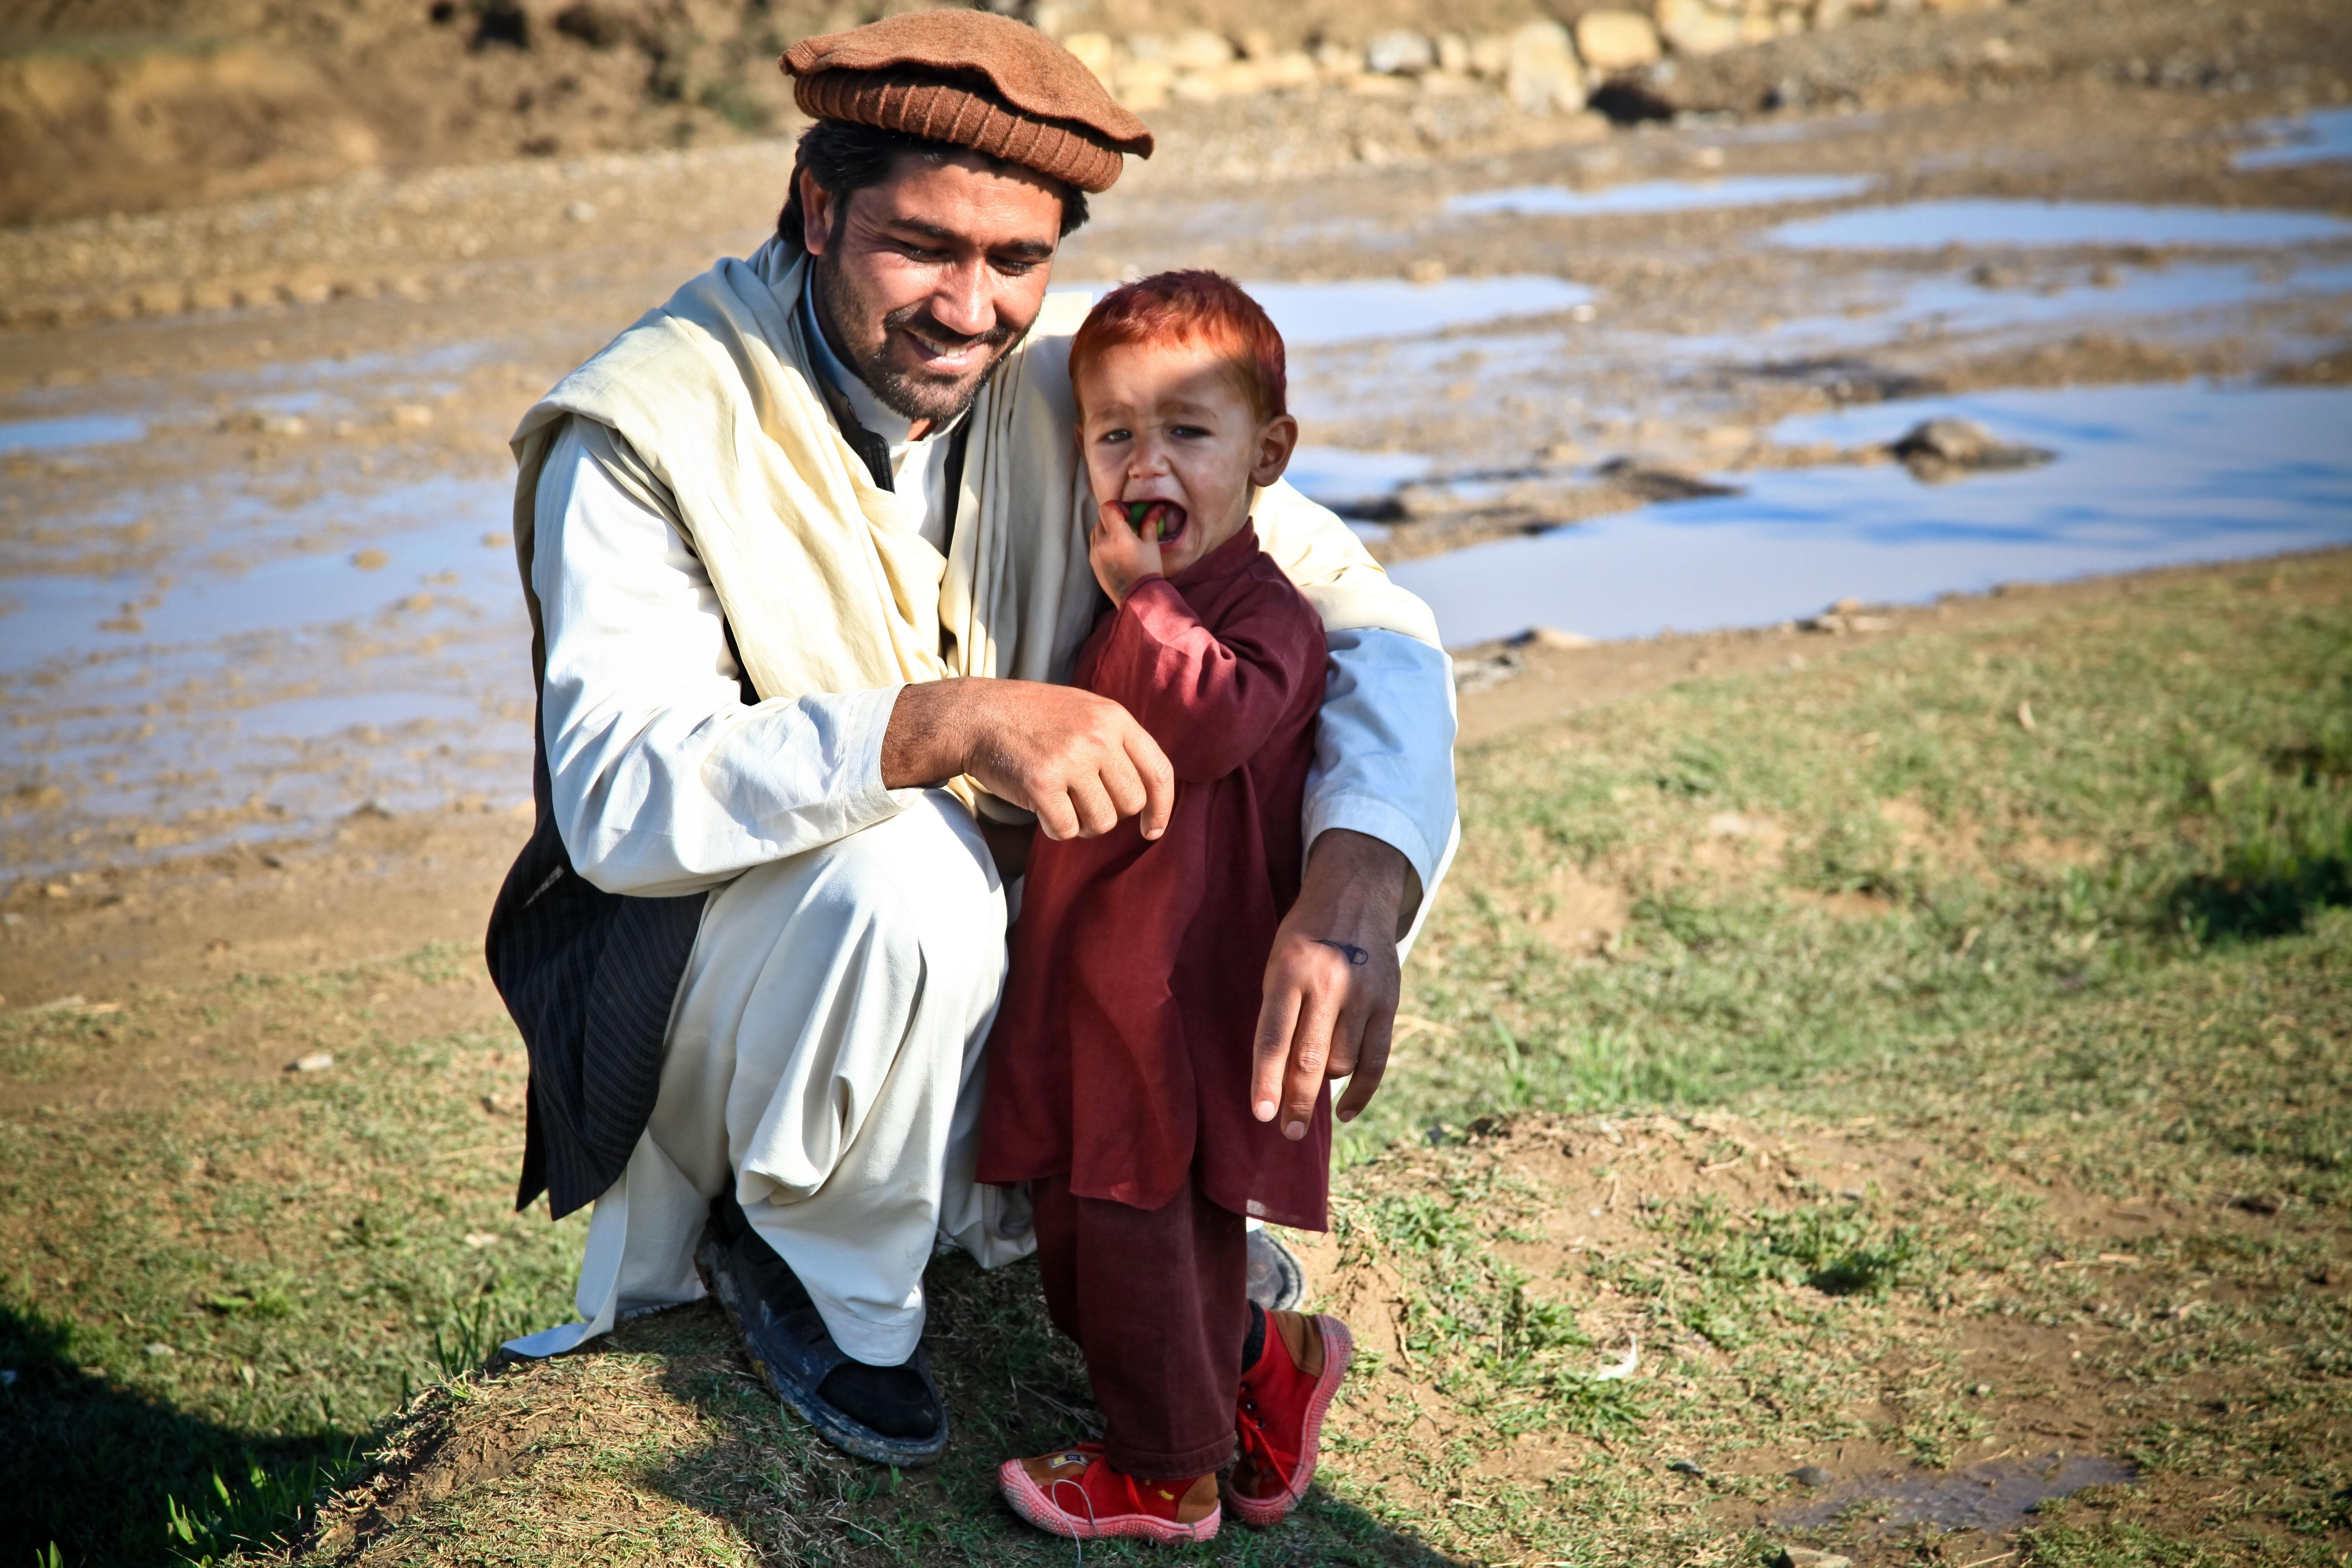 картинки радостные лица бедных людей значительная толщина